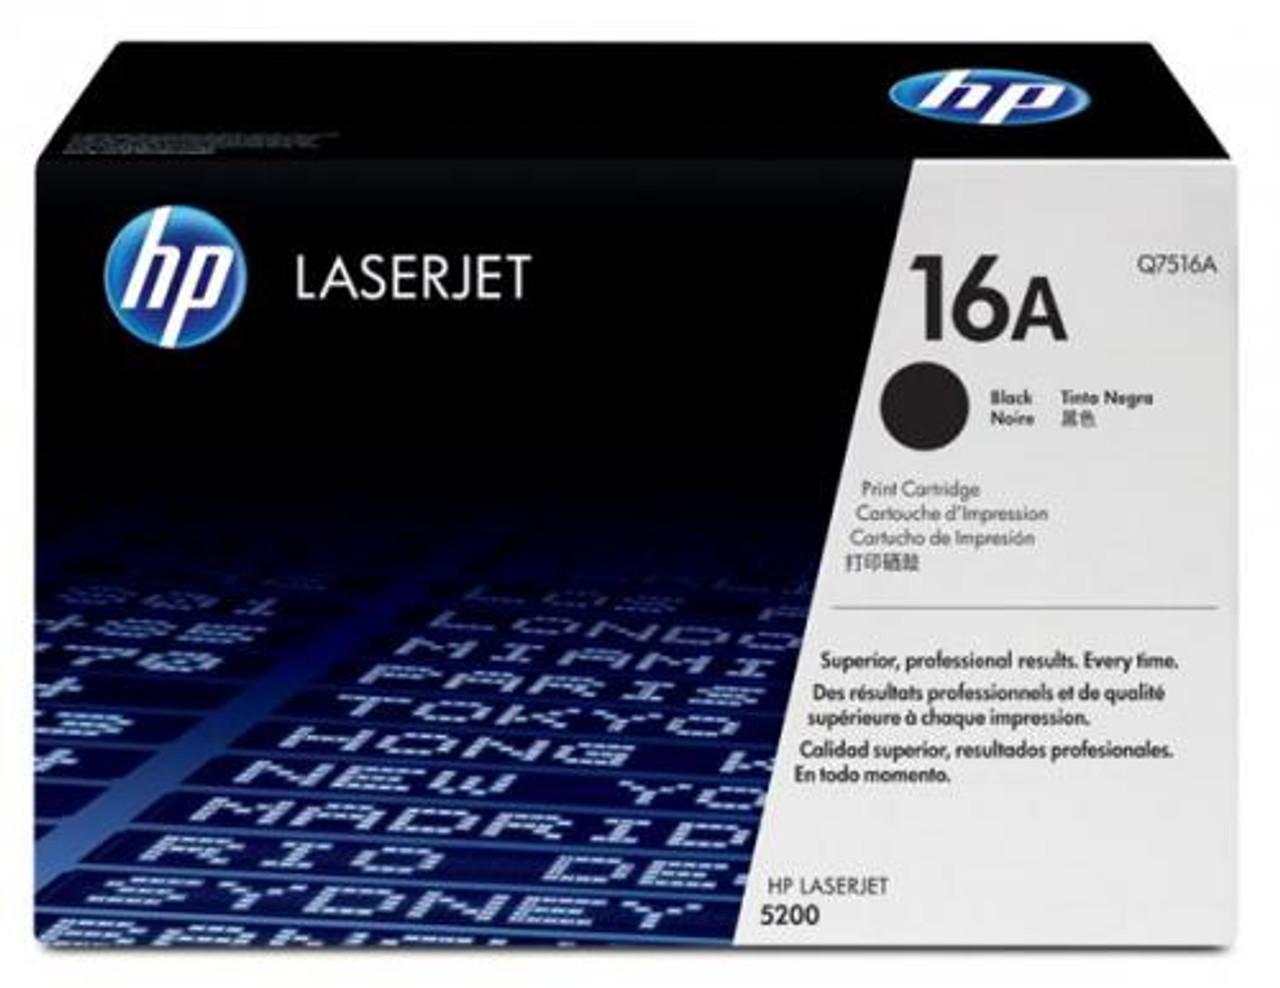 HP 5200 Toner Cartridge - New